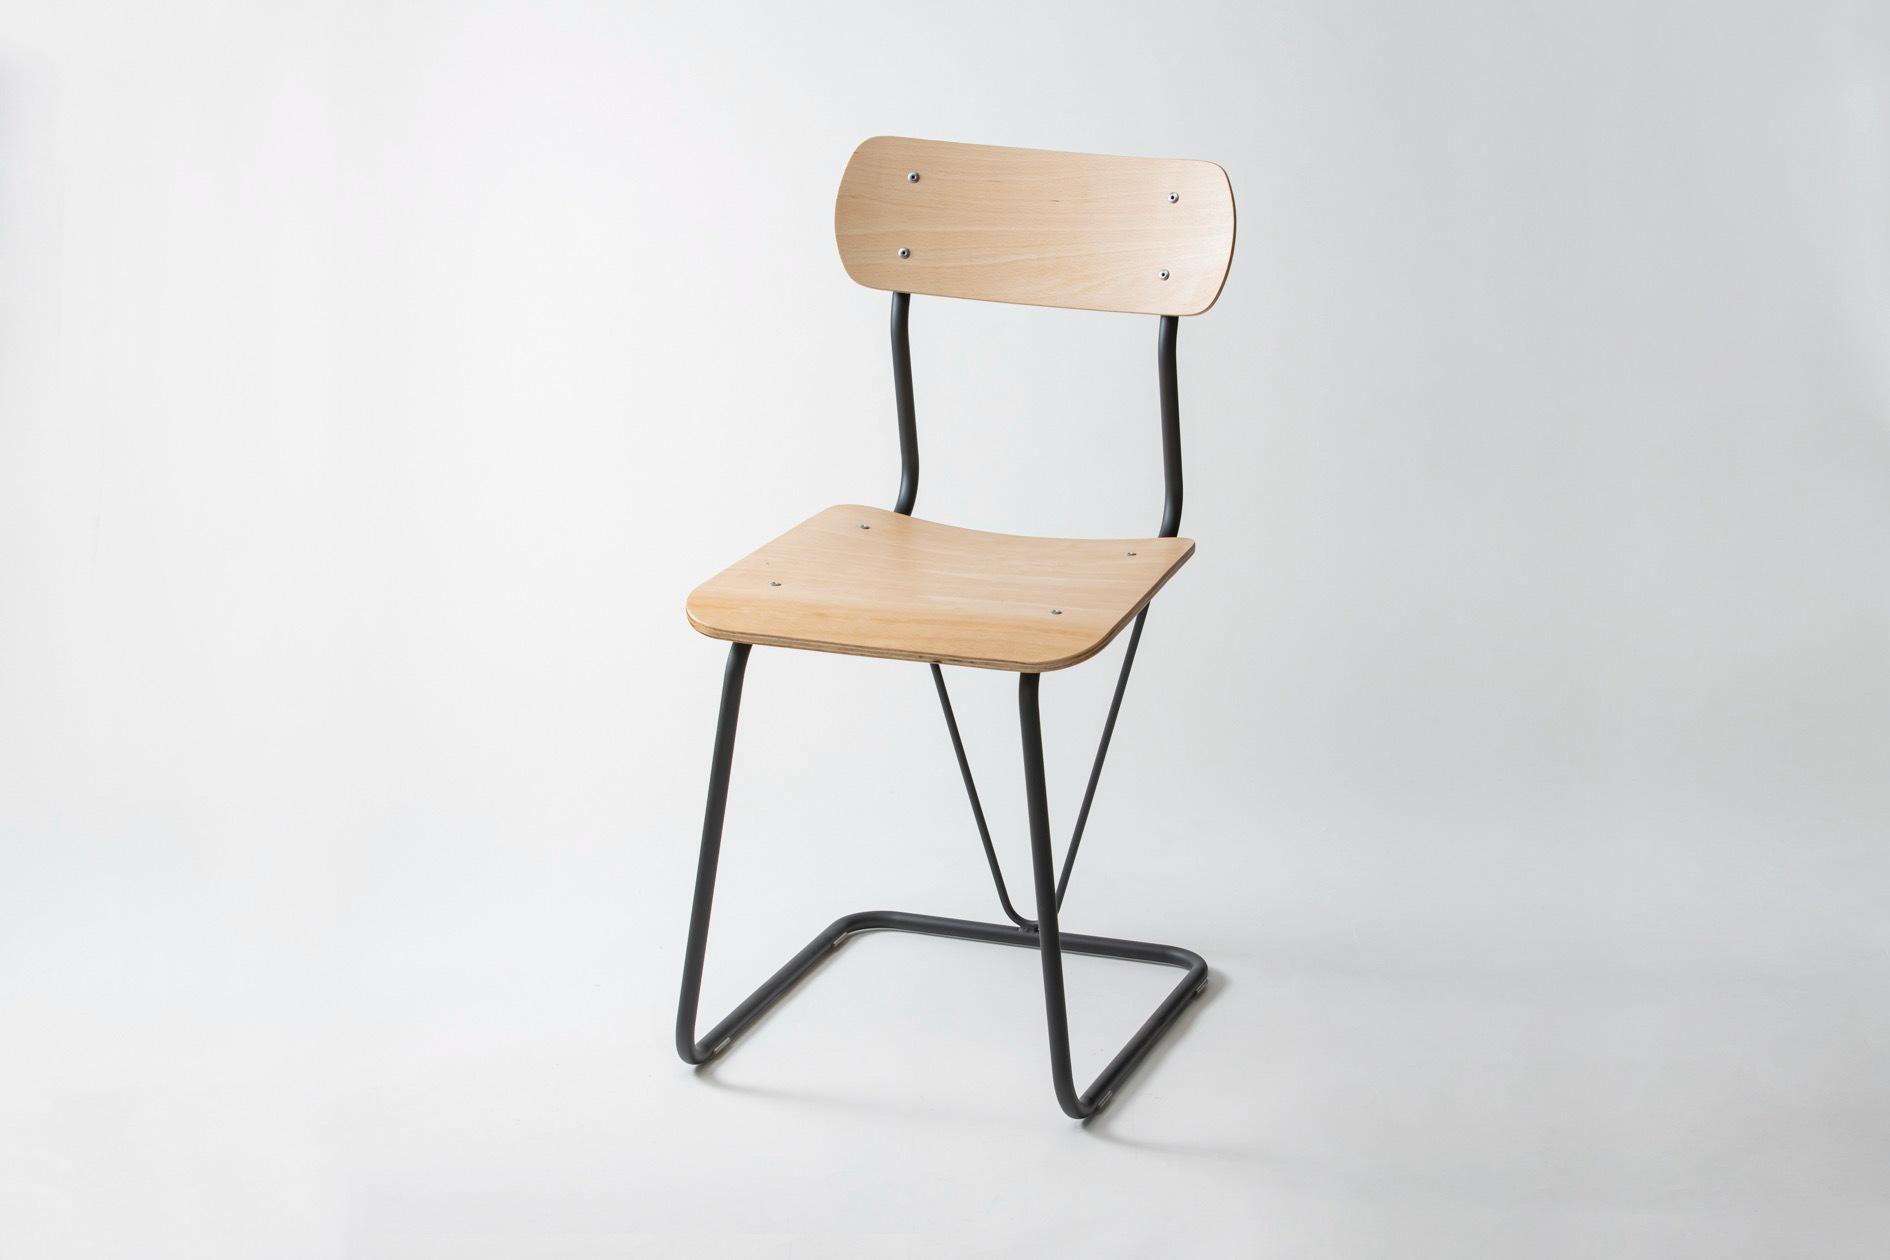 株式会社イチムラの学校用椅子A-100(復刻版)のblack/natural,インテリアにもぴったりのレトロないす